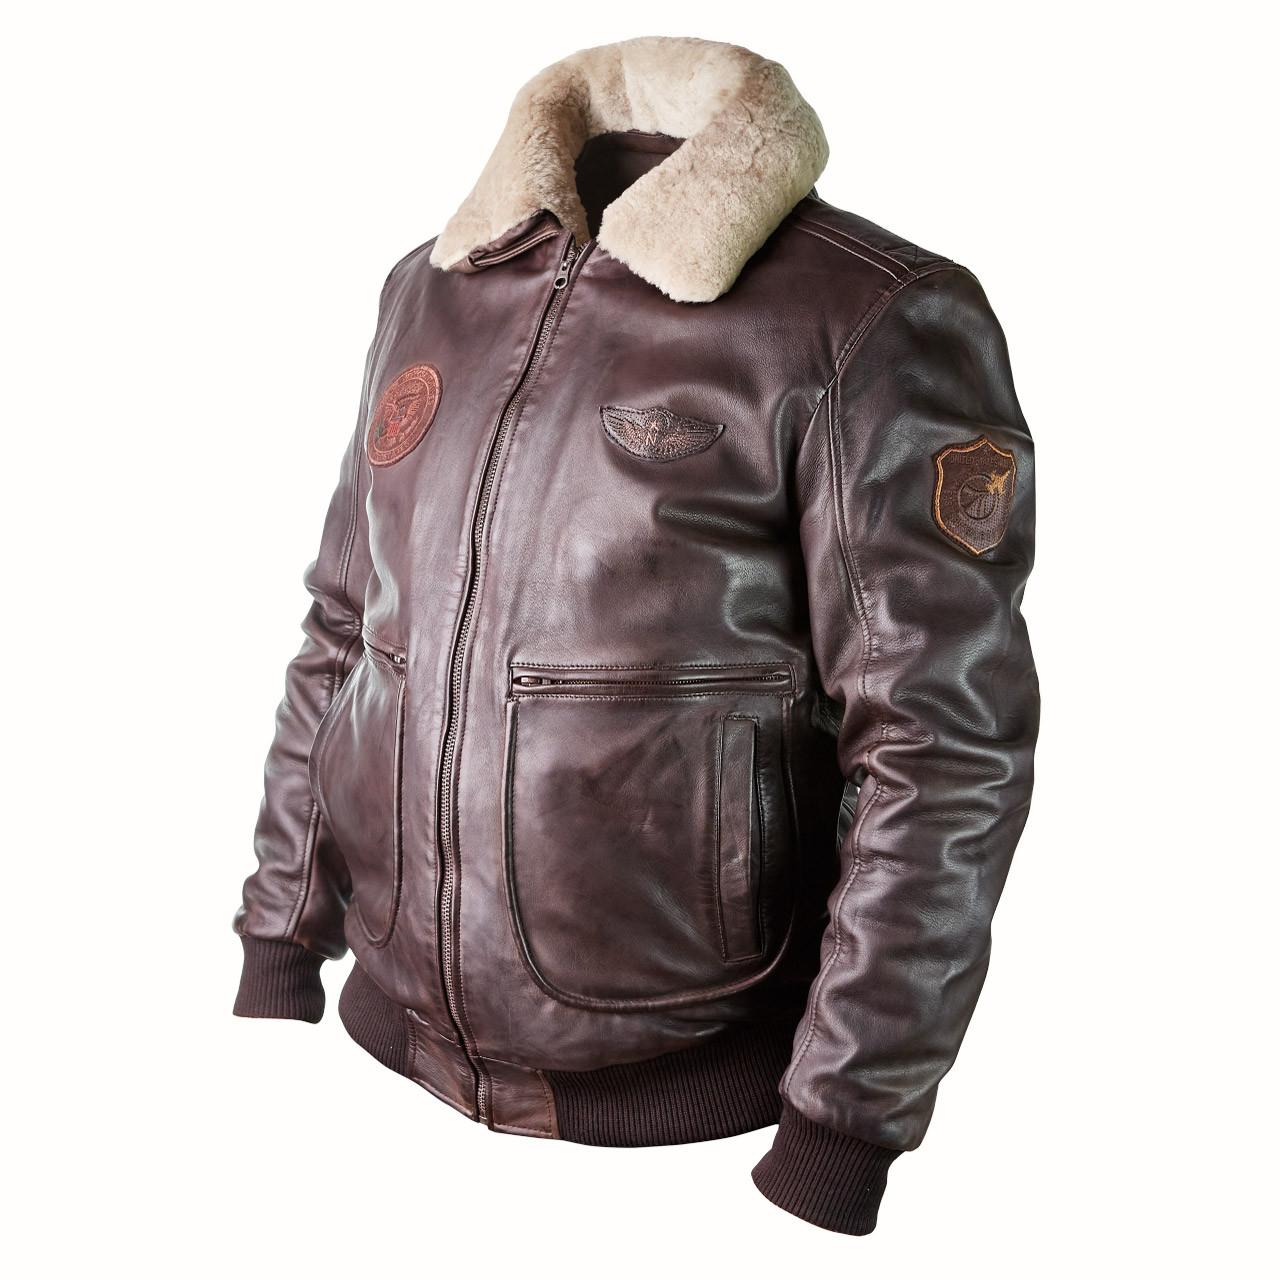 Мужская куртка пилот PHANTOM кожаная темно-коричневая